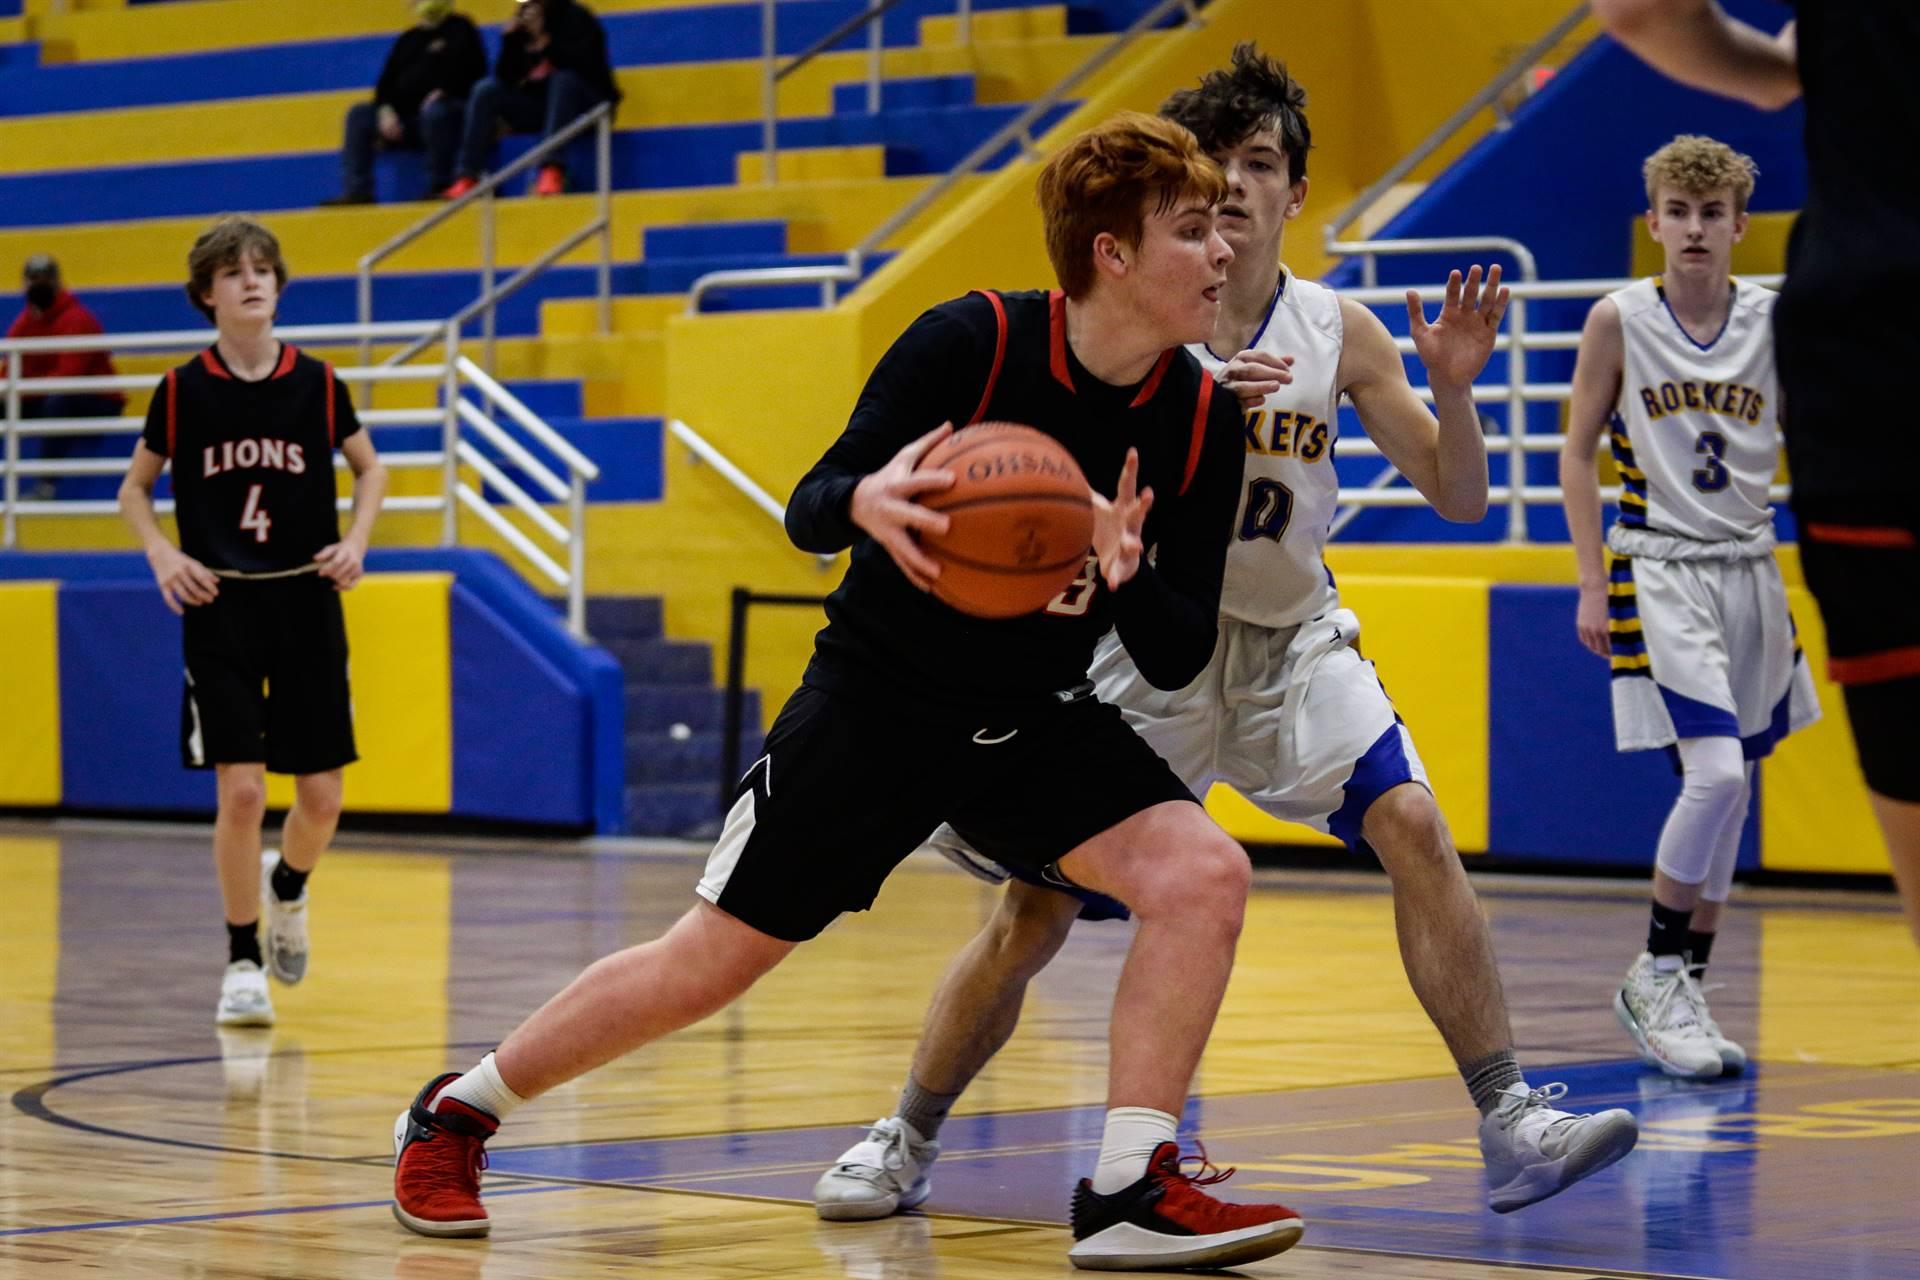 boys basketball player with ball